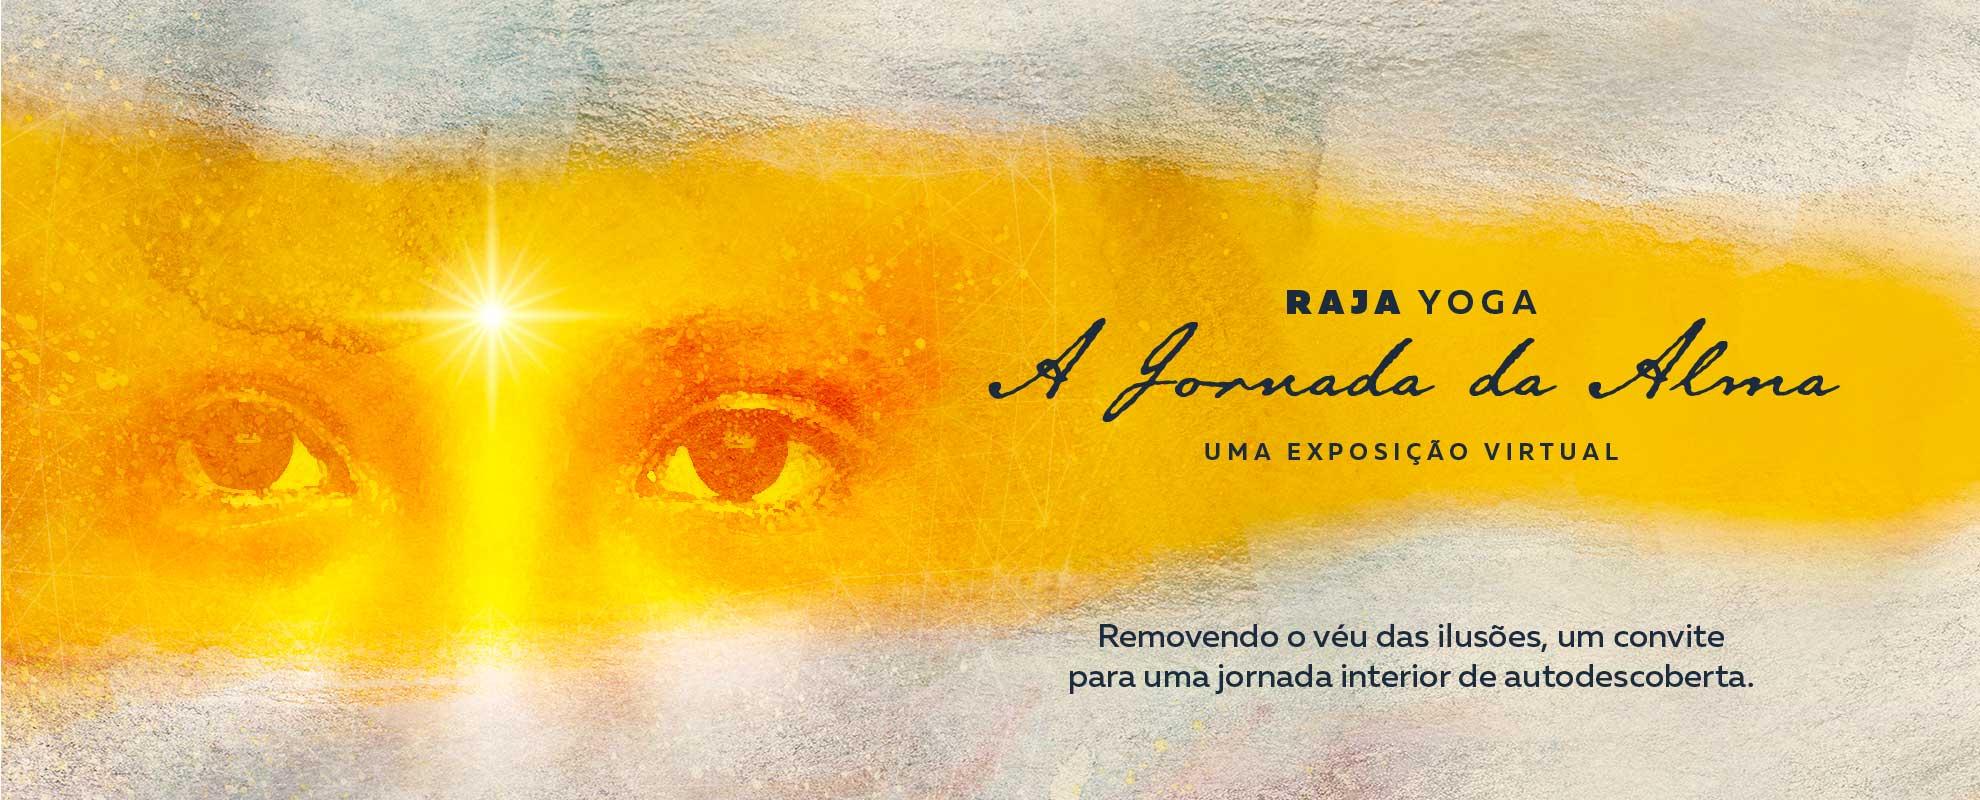 Raja Yoga - A Jornada da Alma. Uma Exposição Virtual.